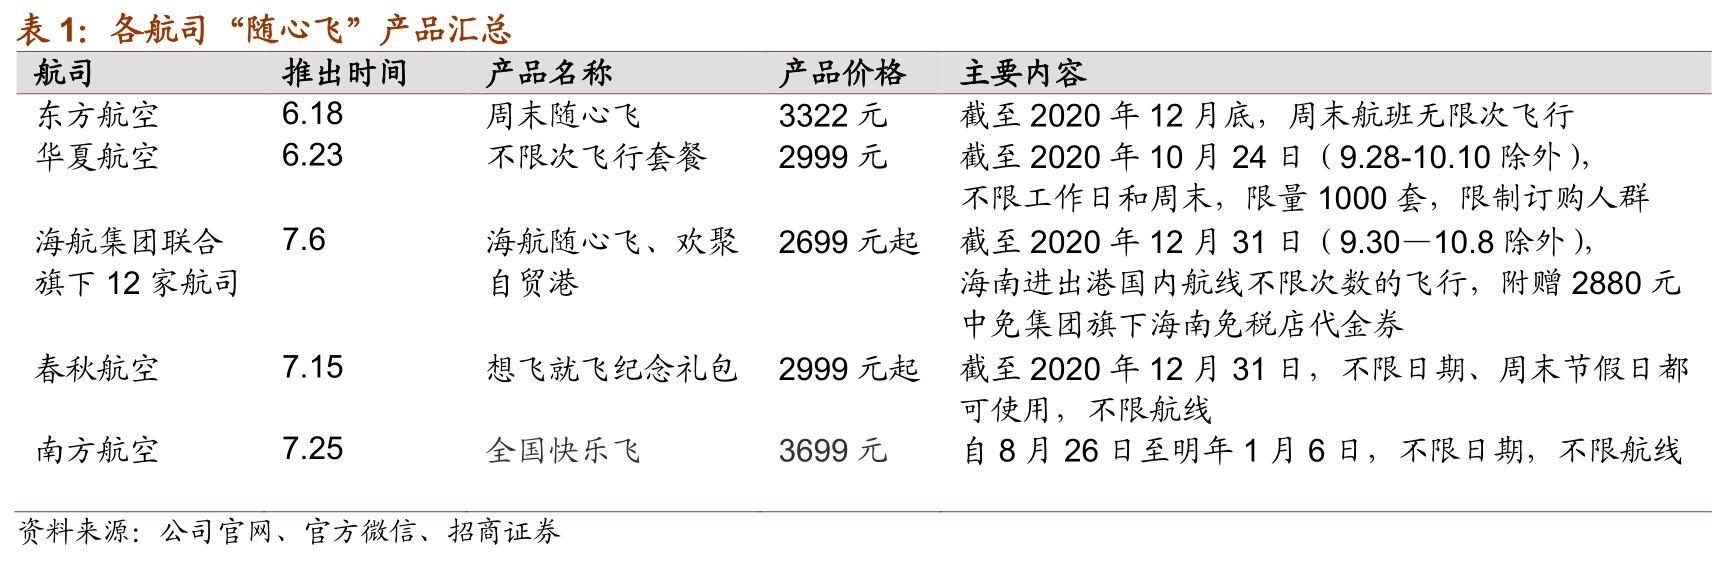 来源:招商证券3